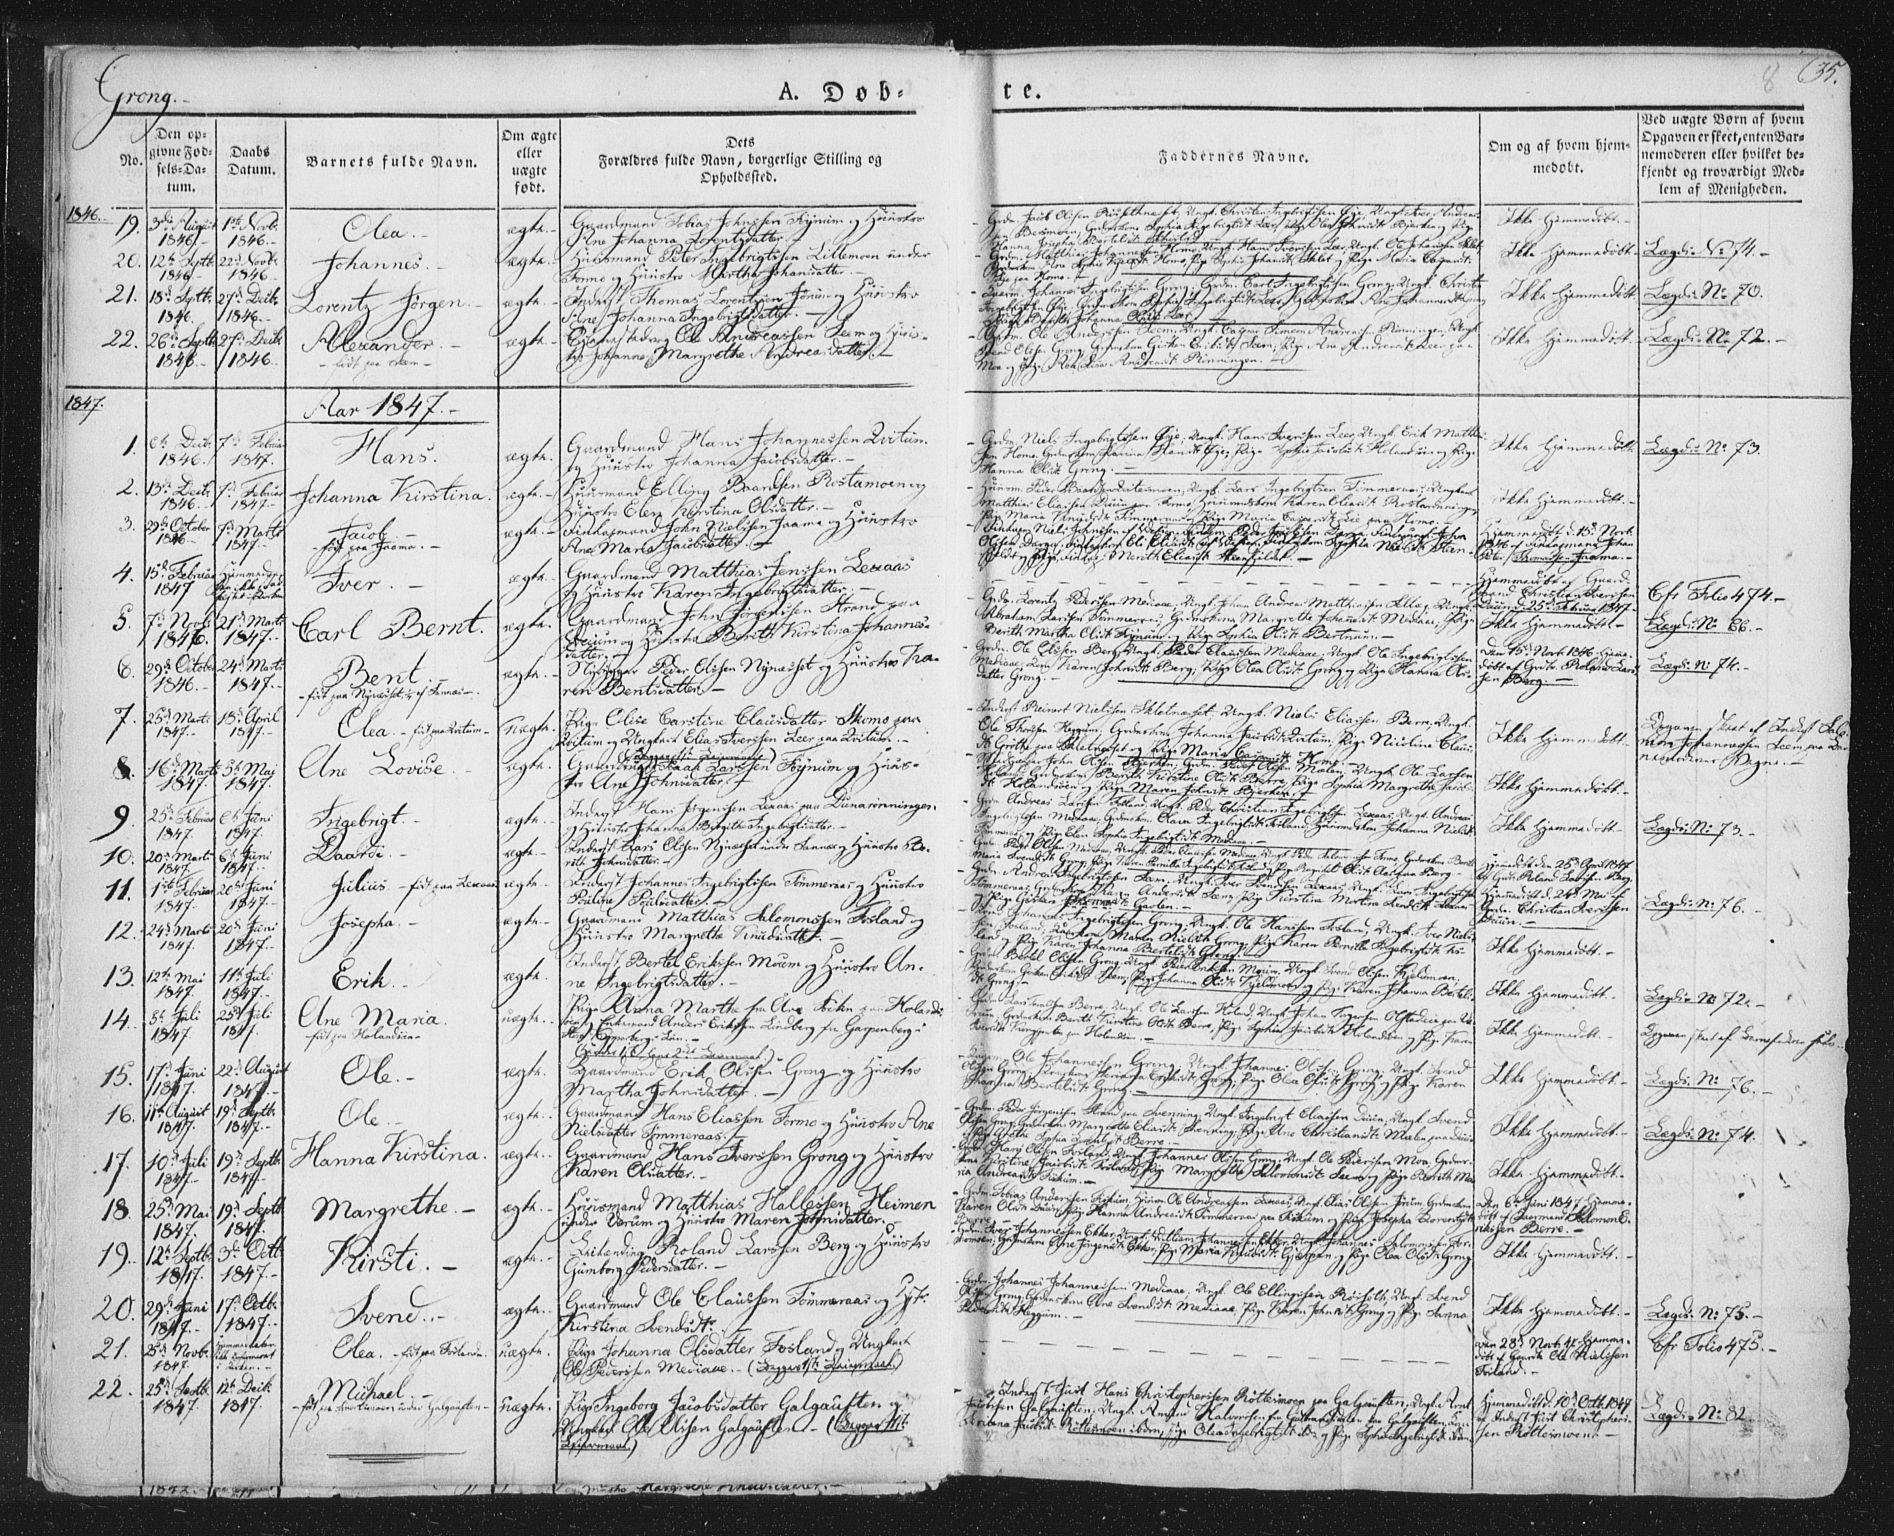 SAT, Ministerialprotokoller, klokkerbøker og fødselsregistre - Nord-Trøndelag, 758/L0513: Ministerialbok nr. 758A02 /1, 1839-1868, s. 8